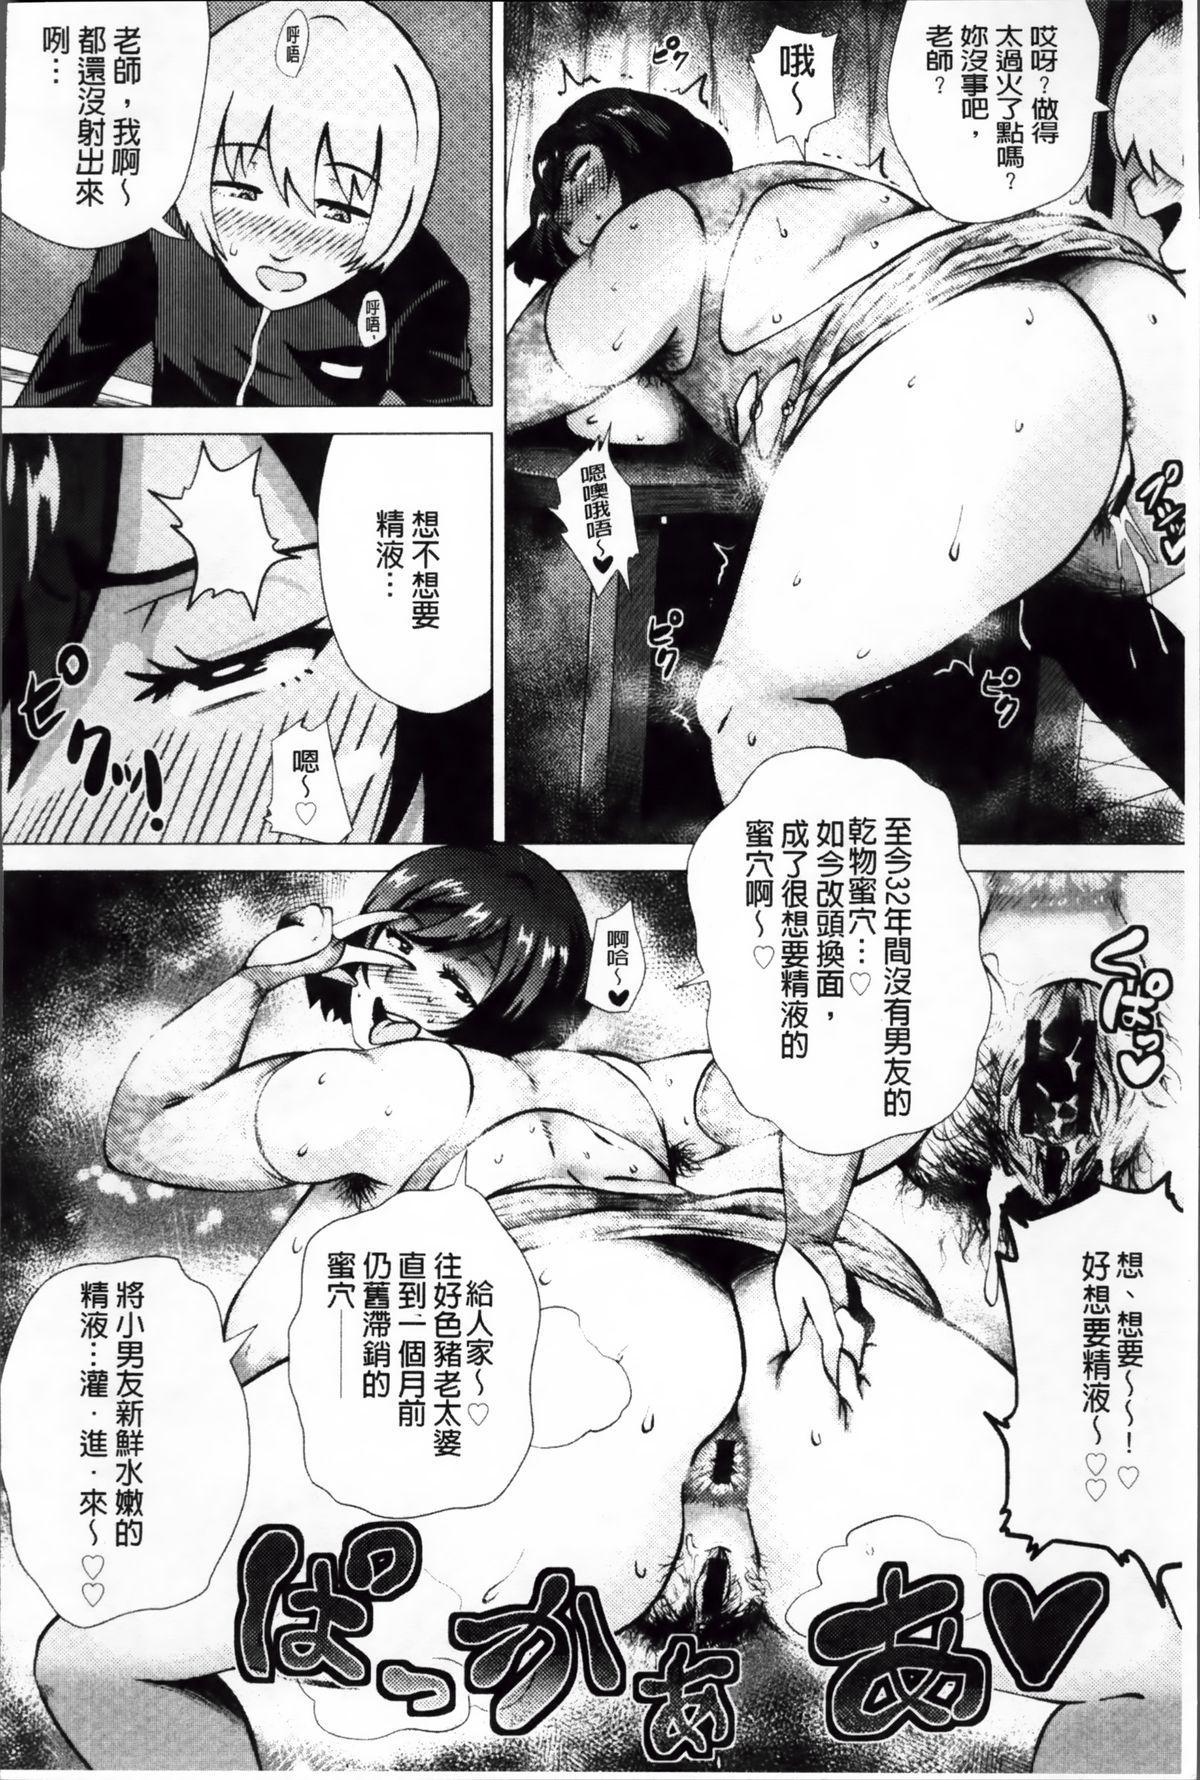 Megabody Night - Watashi no Oniku o Meshiagare 154